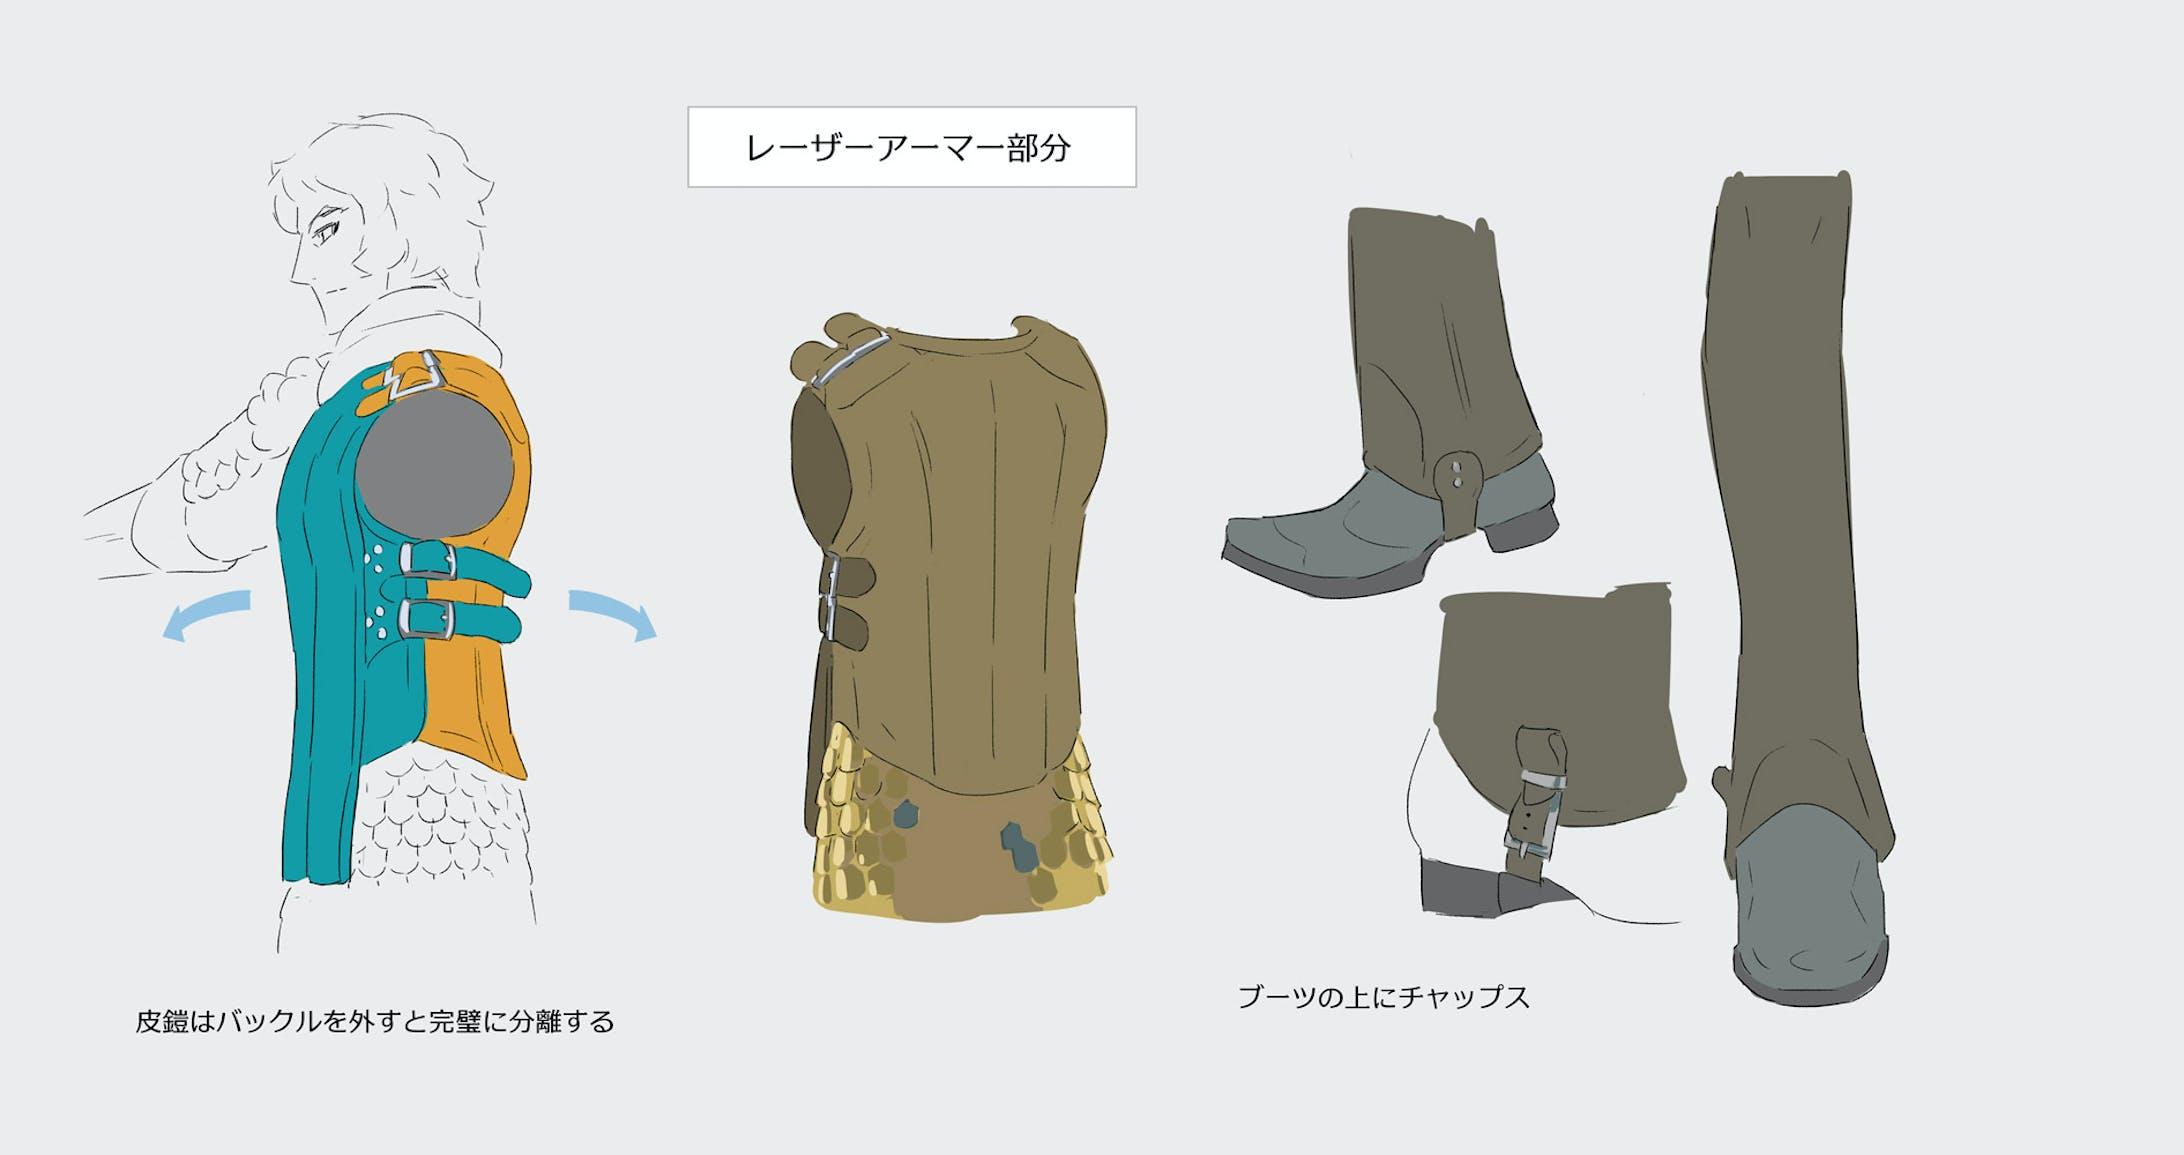 キャラクター全身・設定図-3